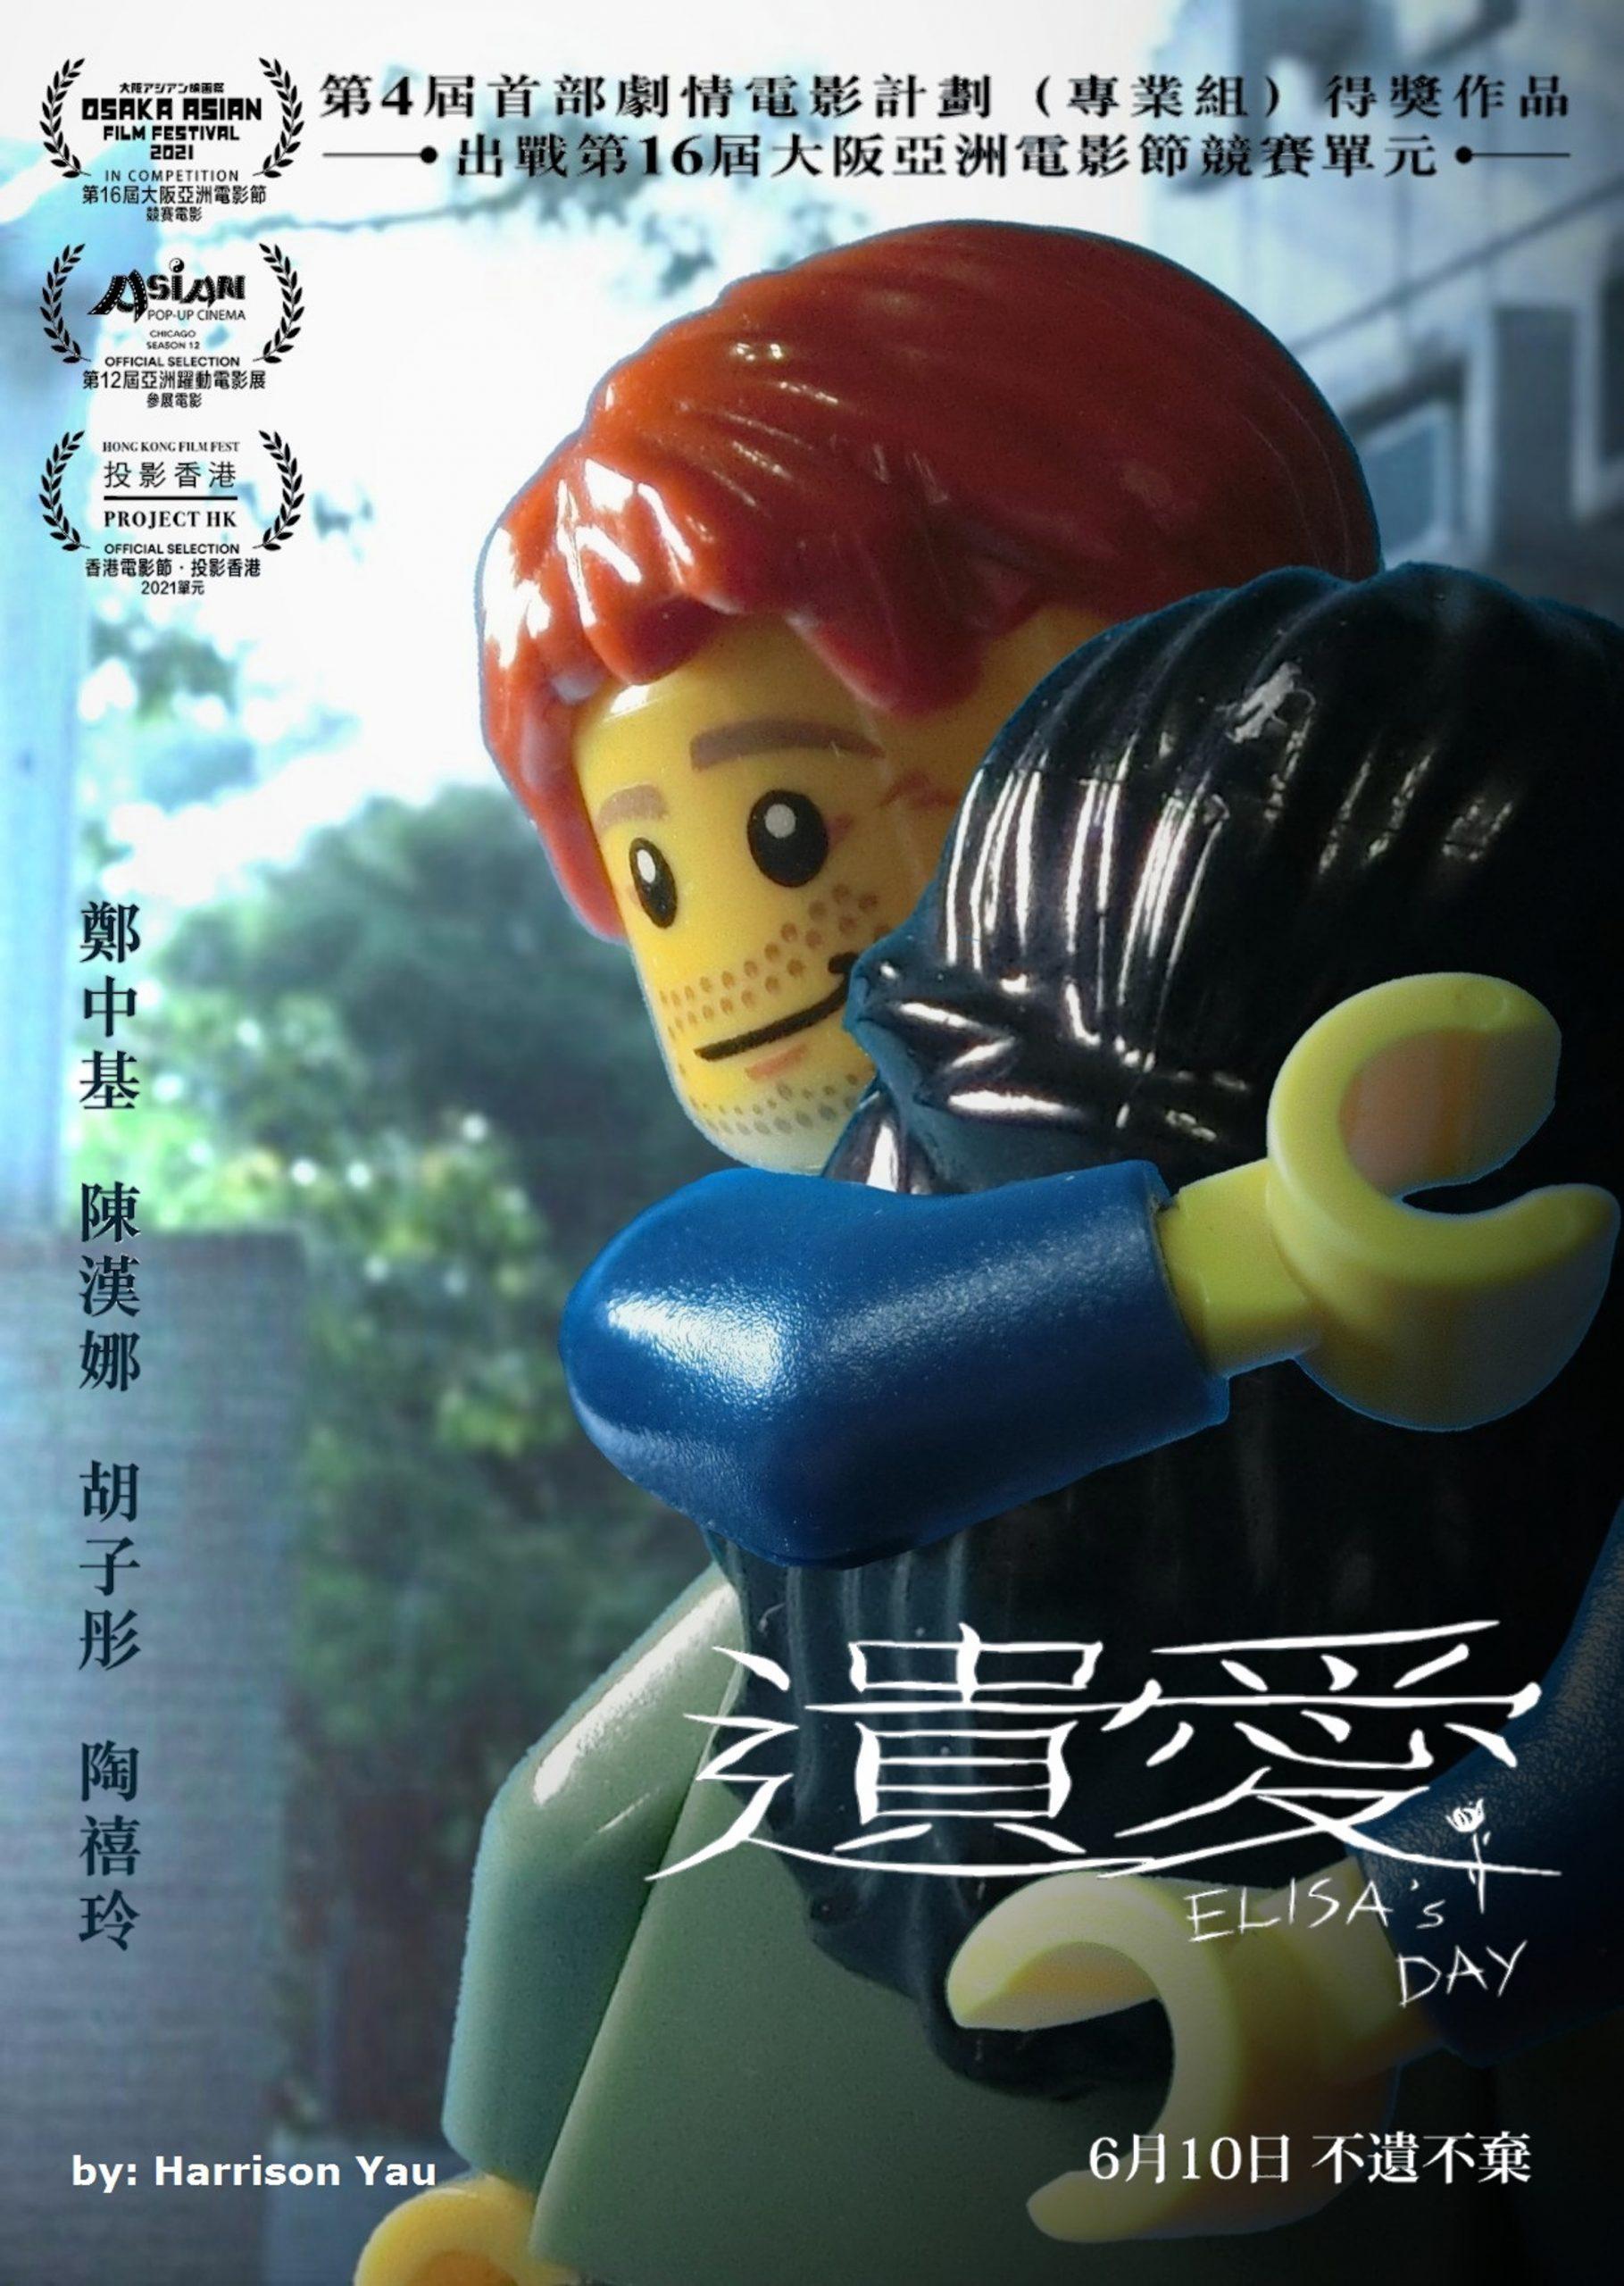 港產片 遺愛 馮智恒 鄭中基 陳漢娜 胡子彤 lego